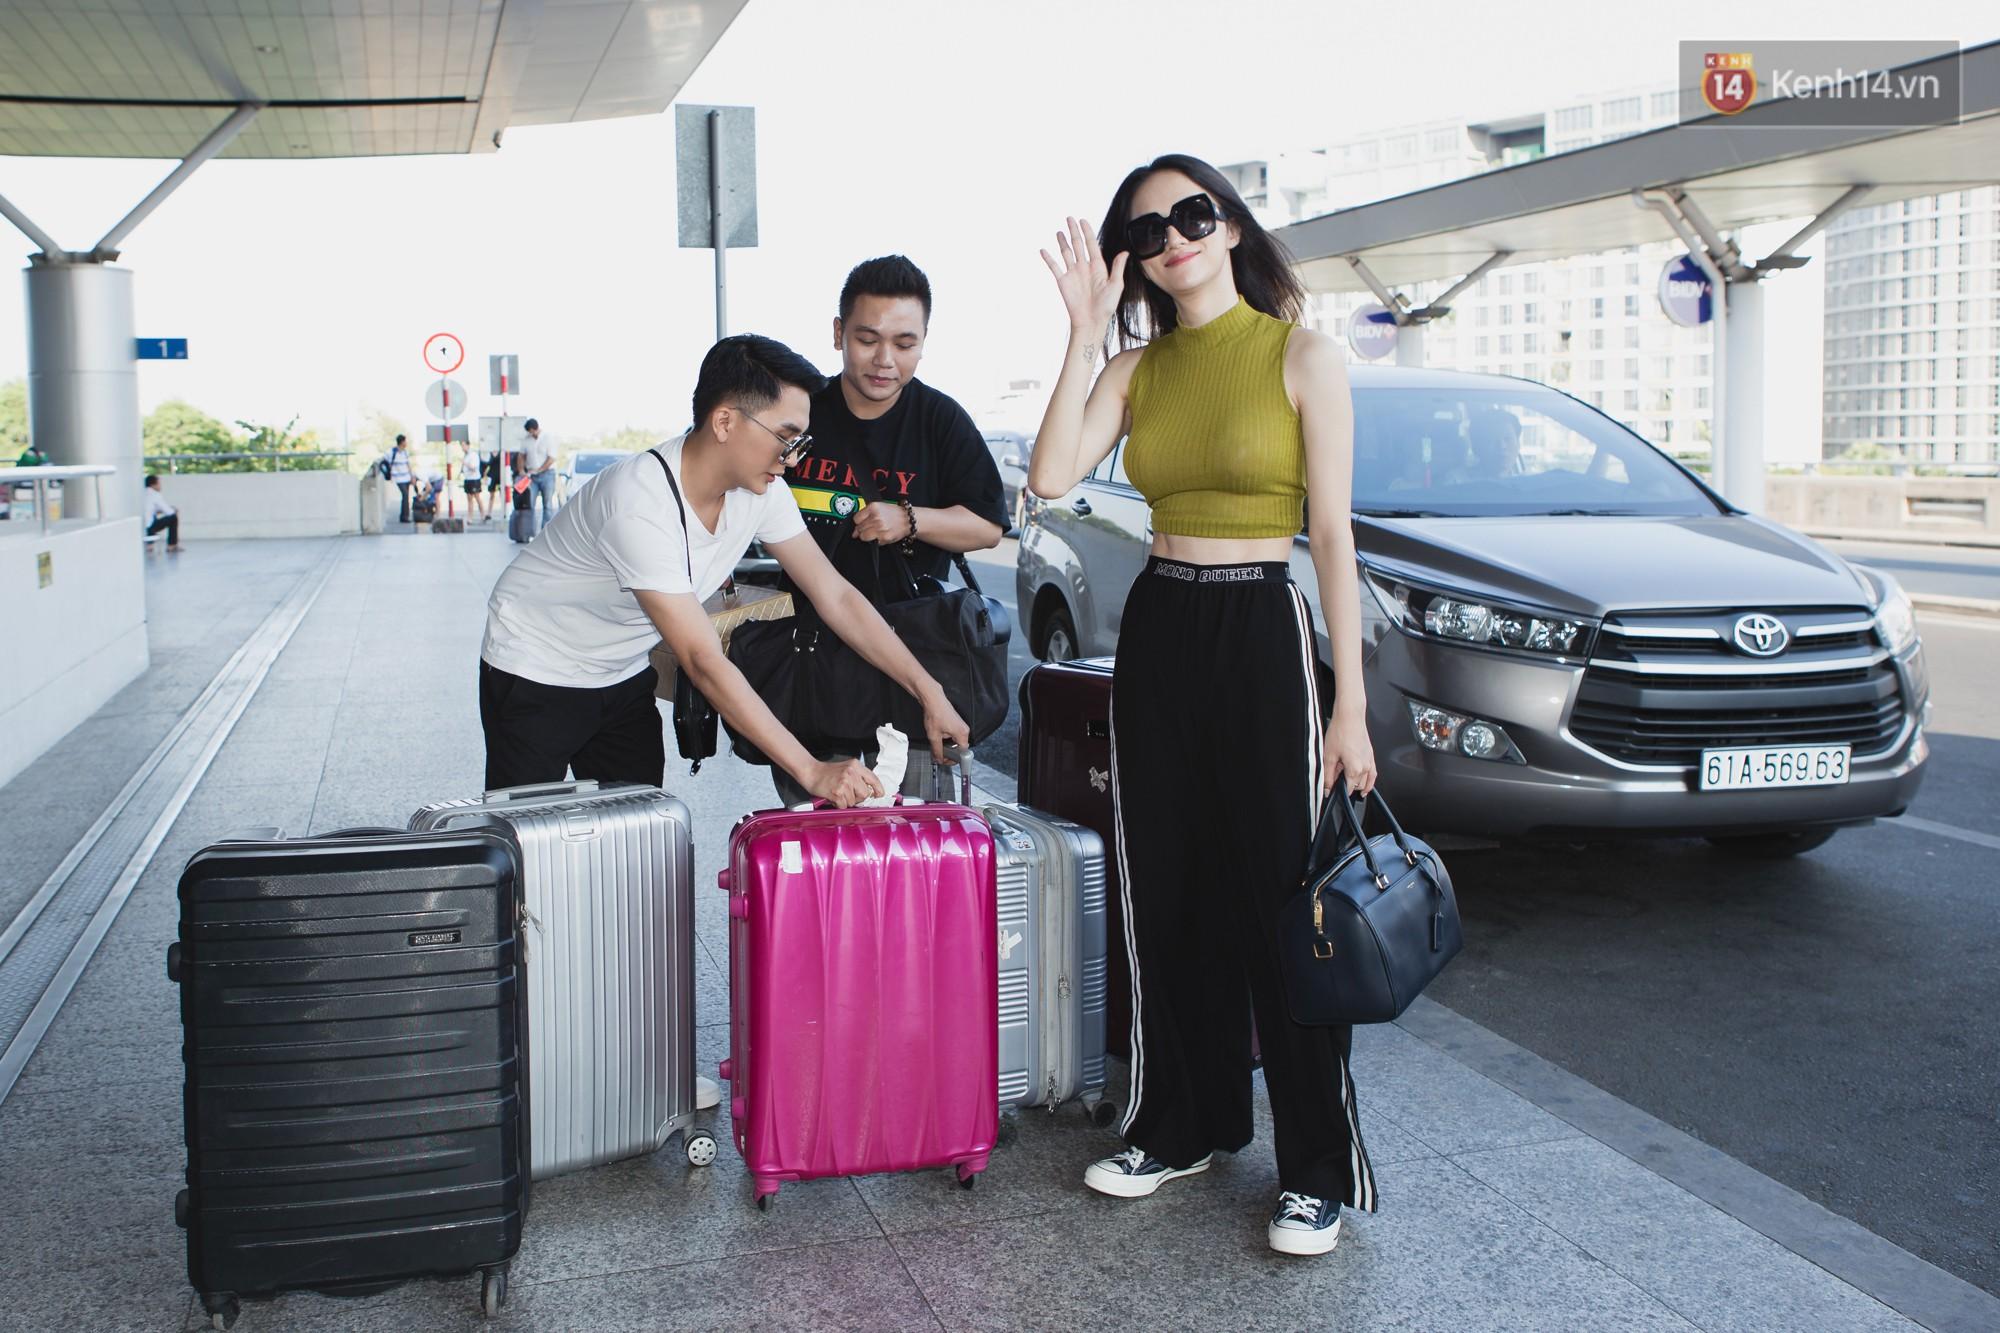 Hương Giang lên đường sang Thái trao lại vương miện Hoa hậu, vòng một được chú ý vì quá khủng - Ảnh 9.